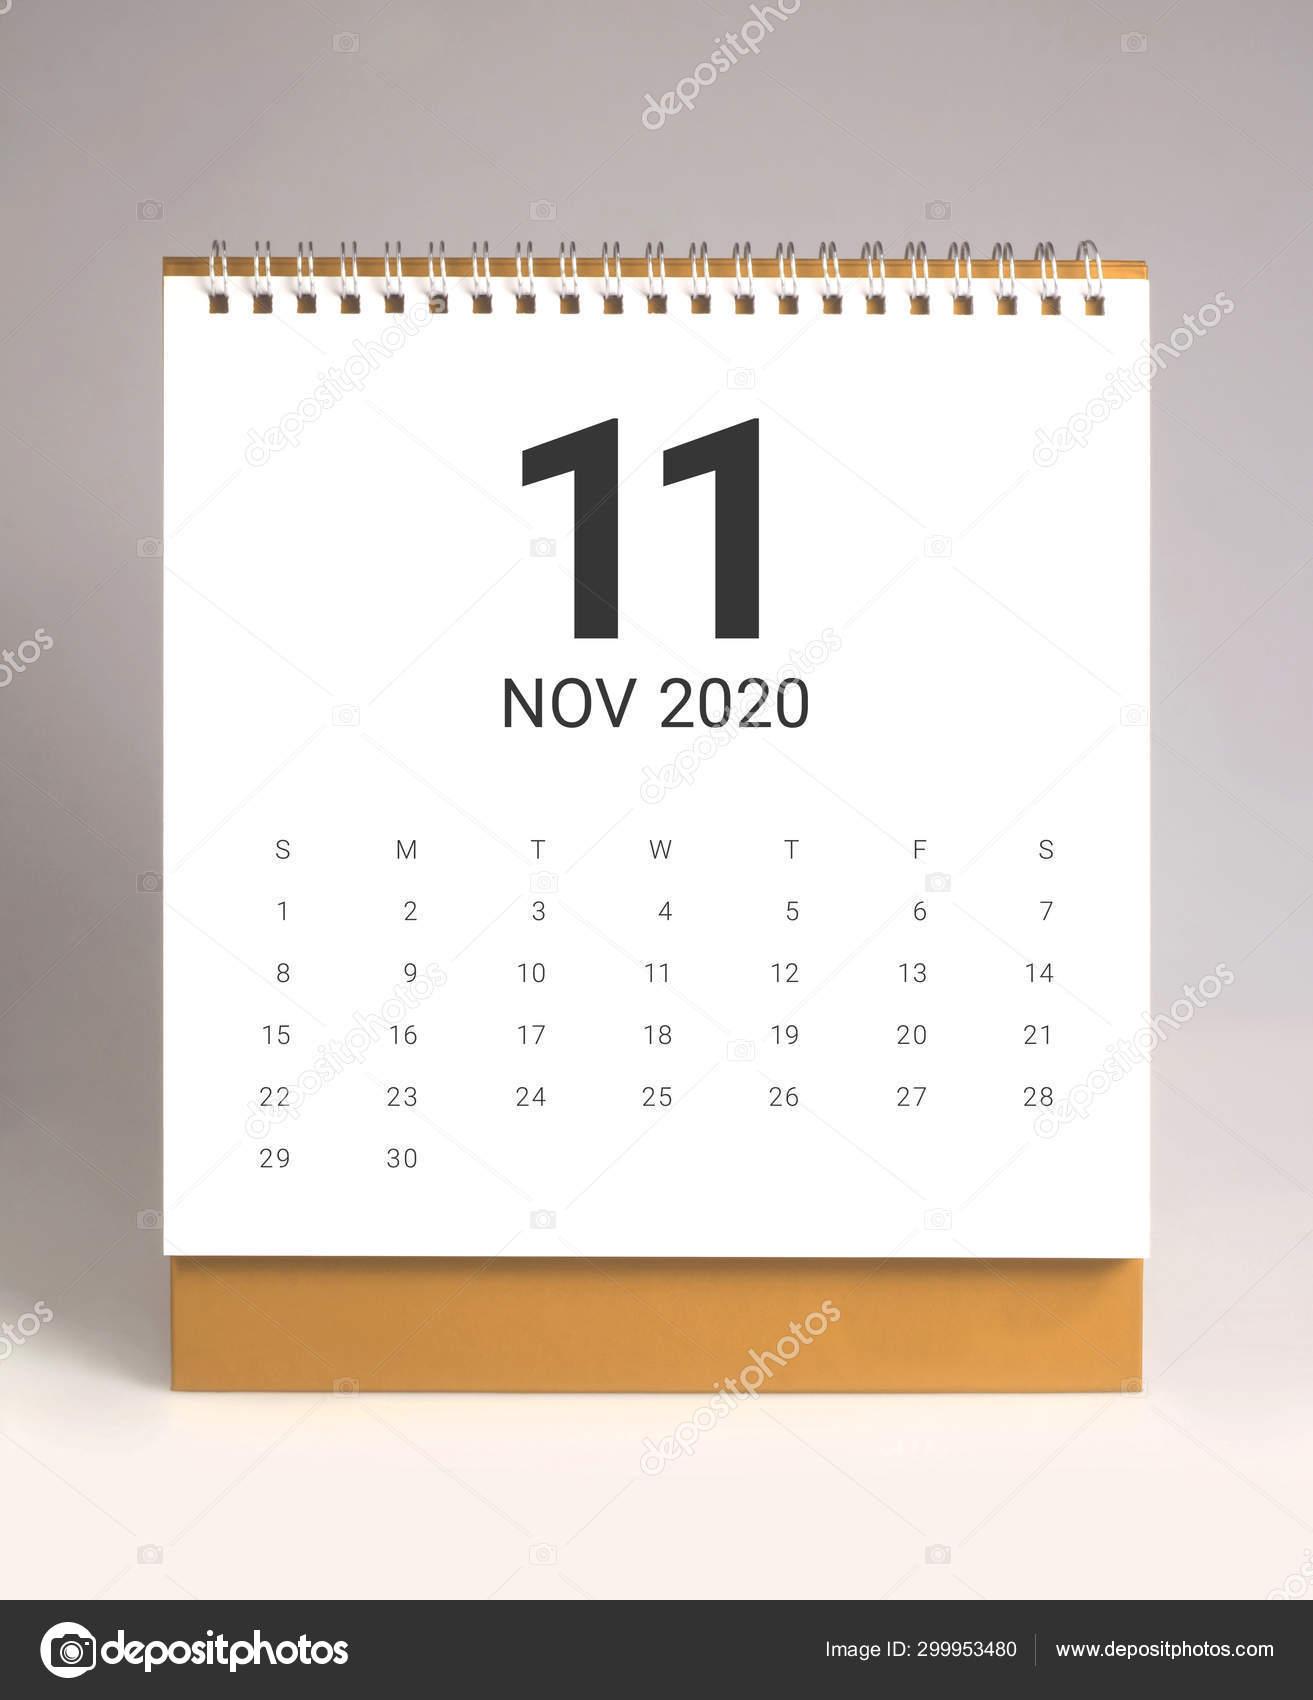 Novembre 2020 Calendario.Calendario Da Tavolo Semplice 2020 Novembre Foto Stock